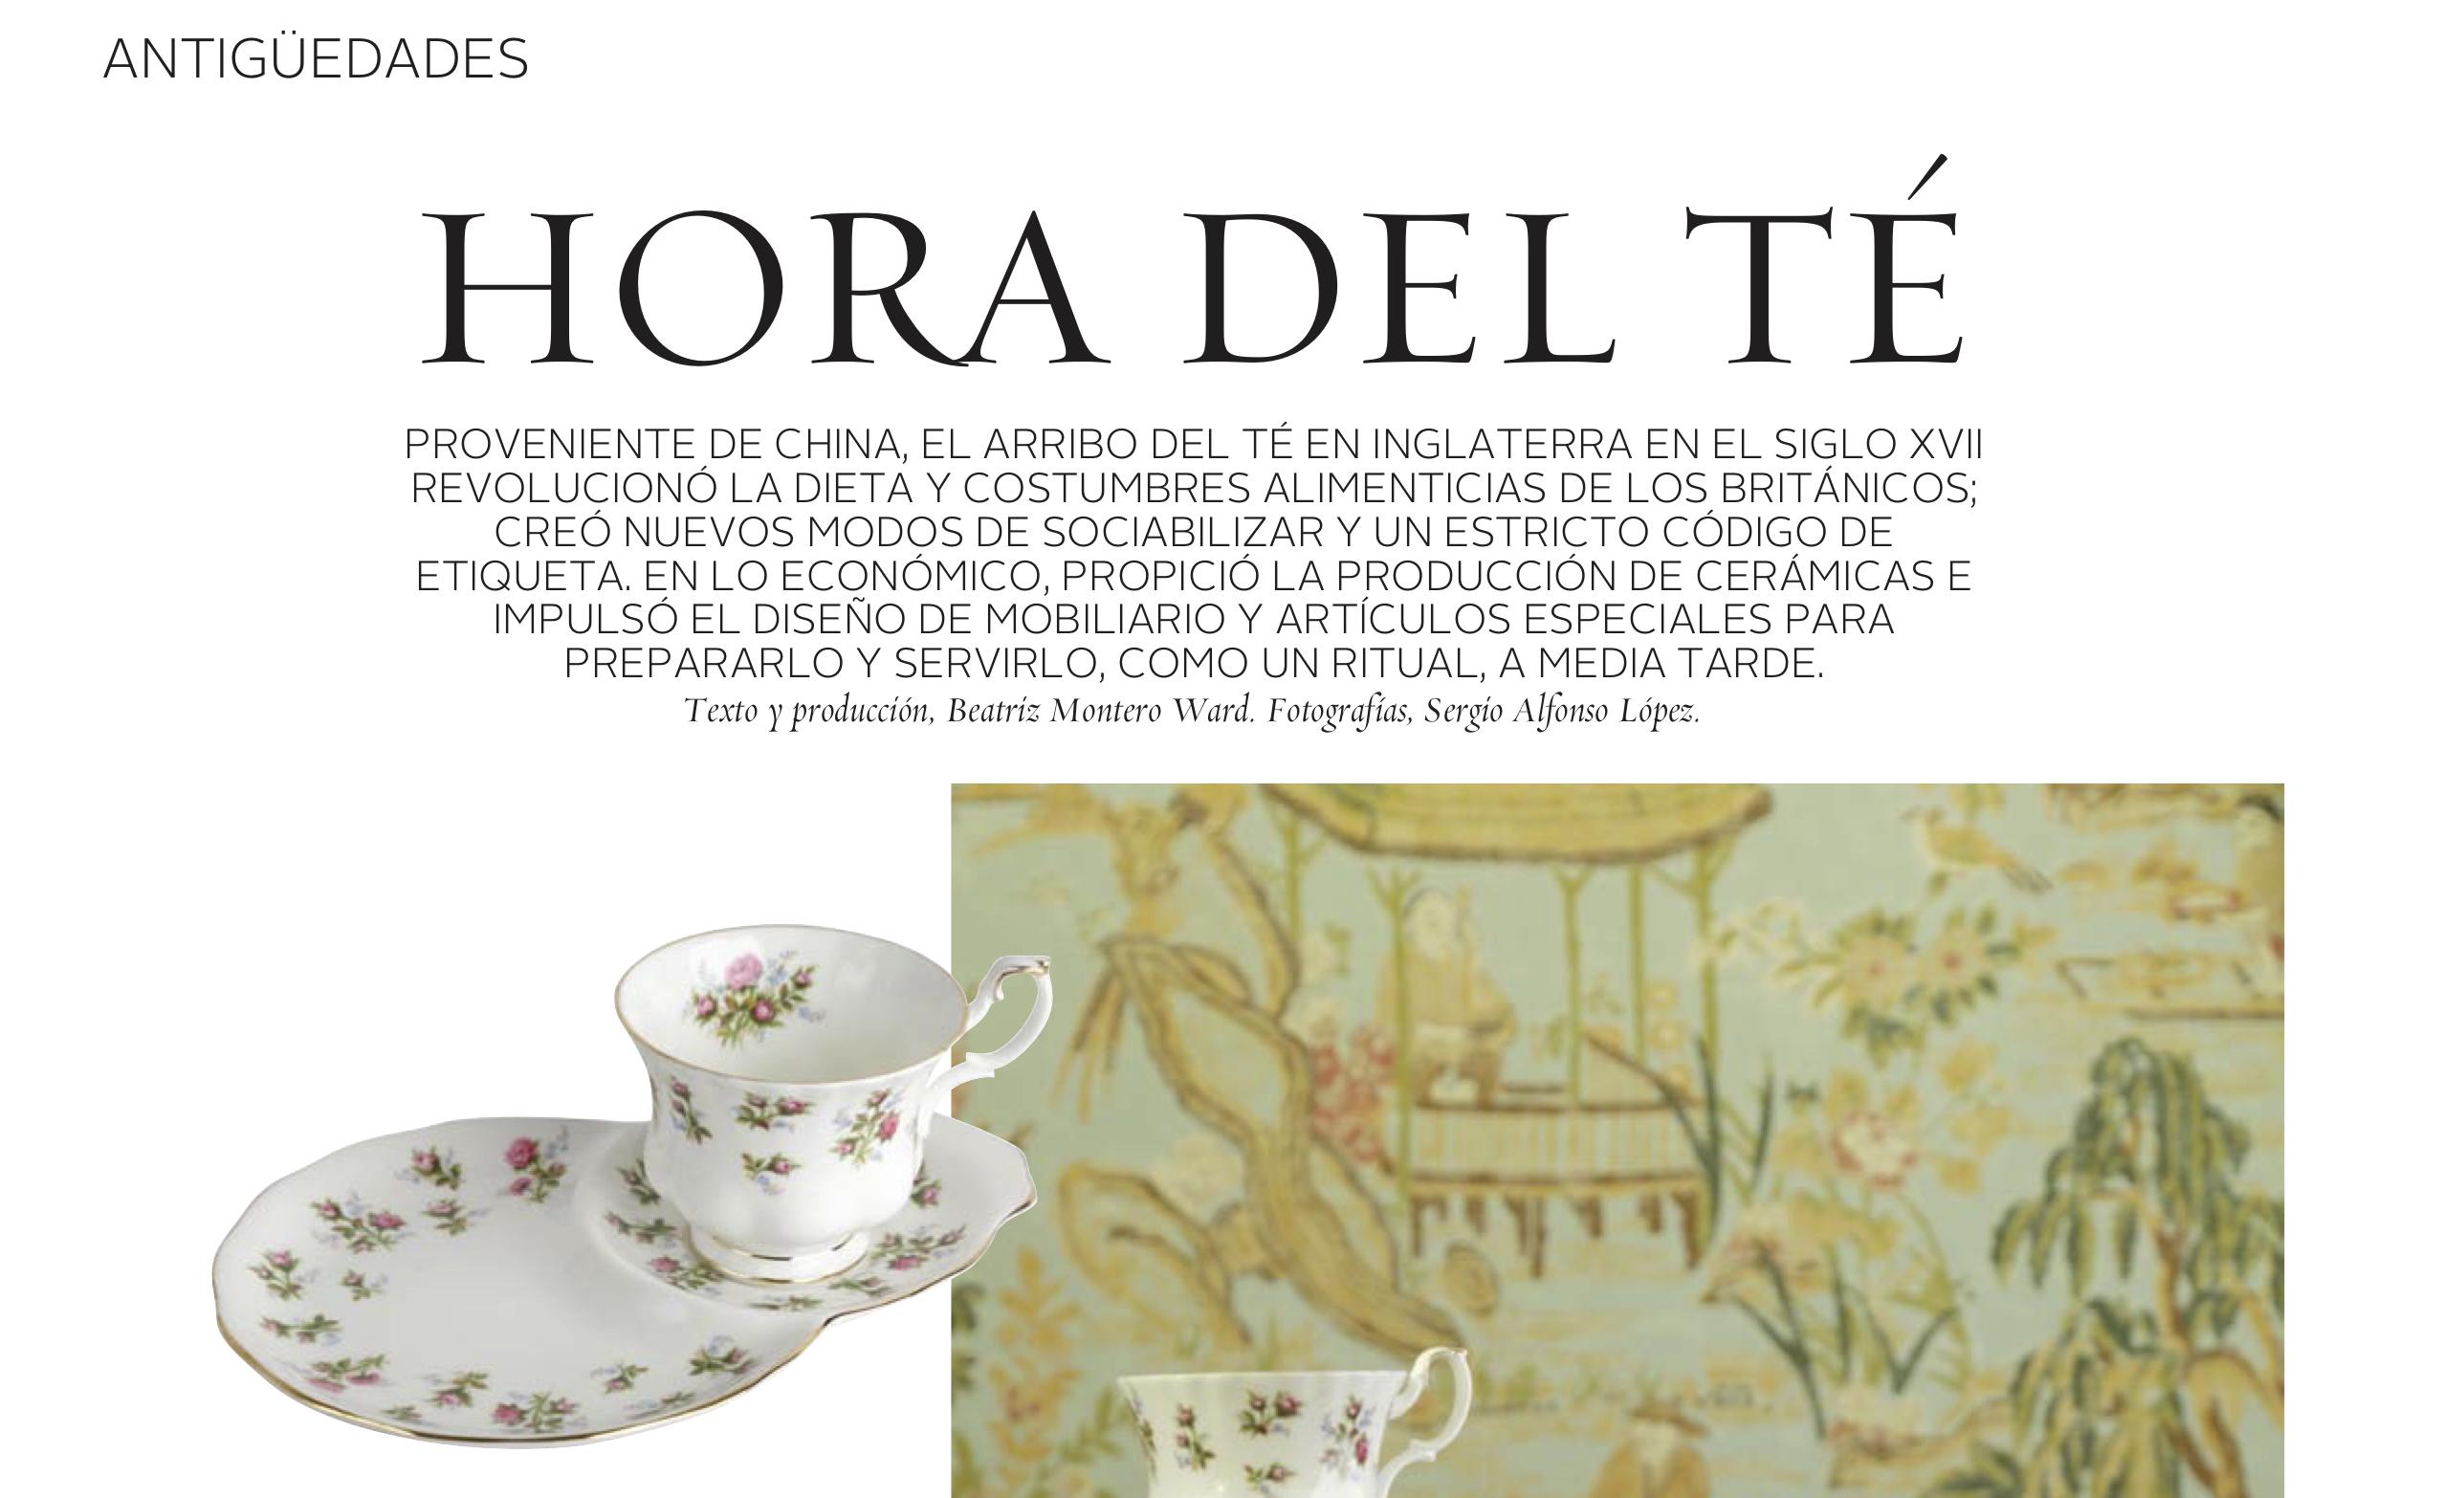 La hora del té - artículo en VD, El Mercurio, 23 de Marzo 2019